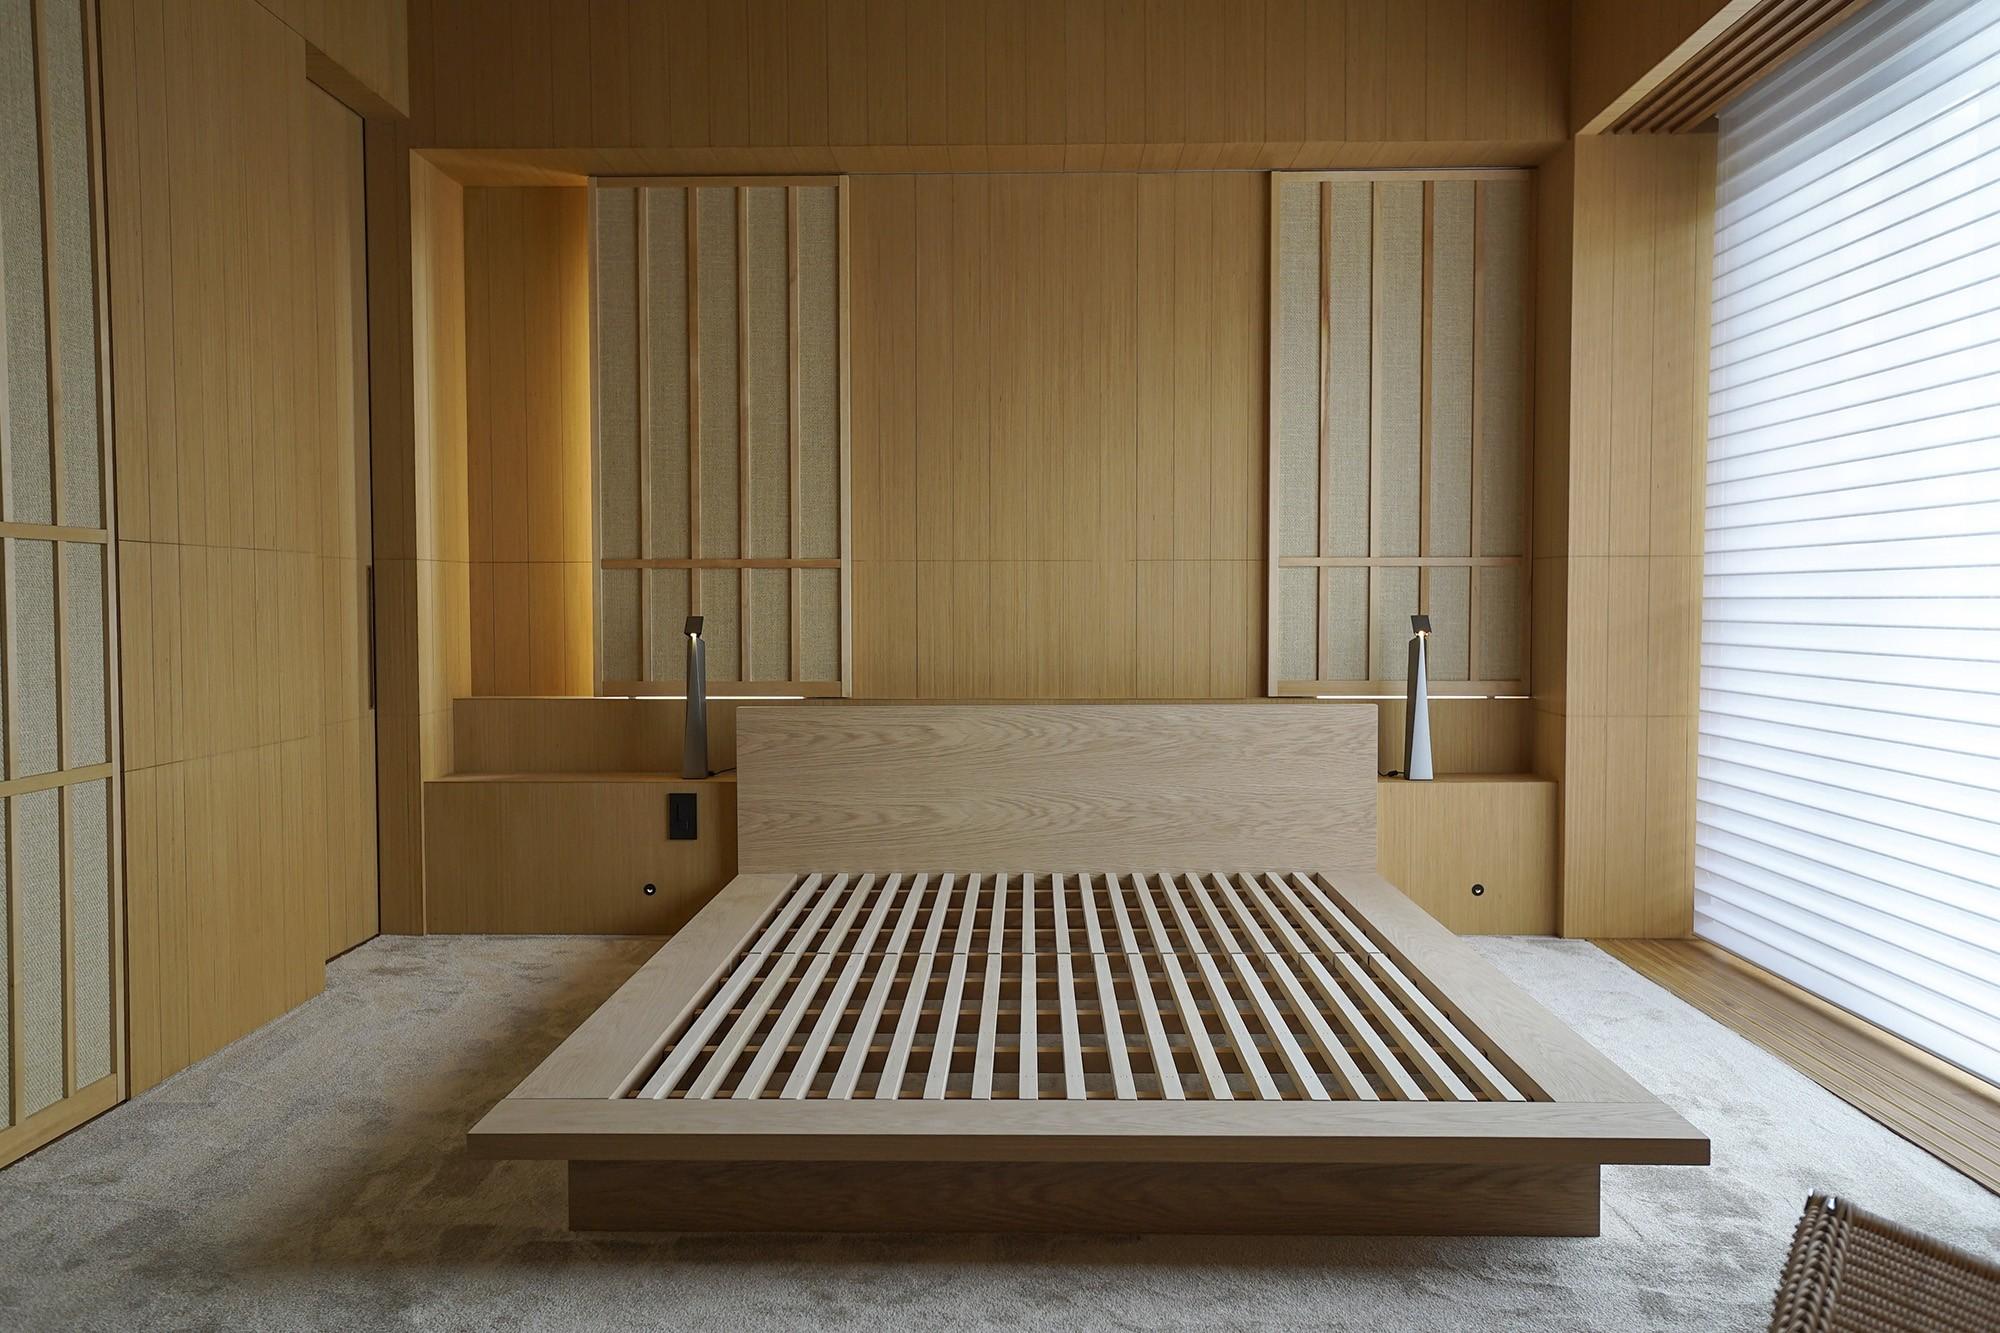 ベッドルーム事例:豊中の家 寝室(豊中の家)